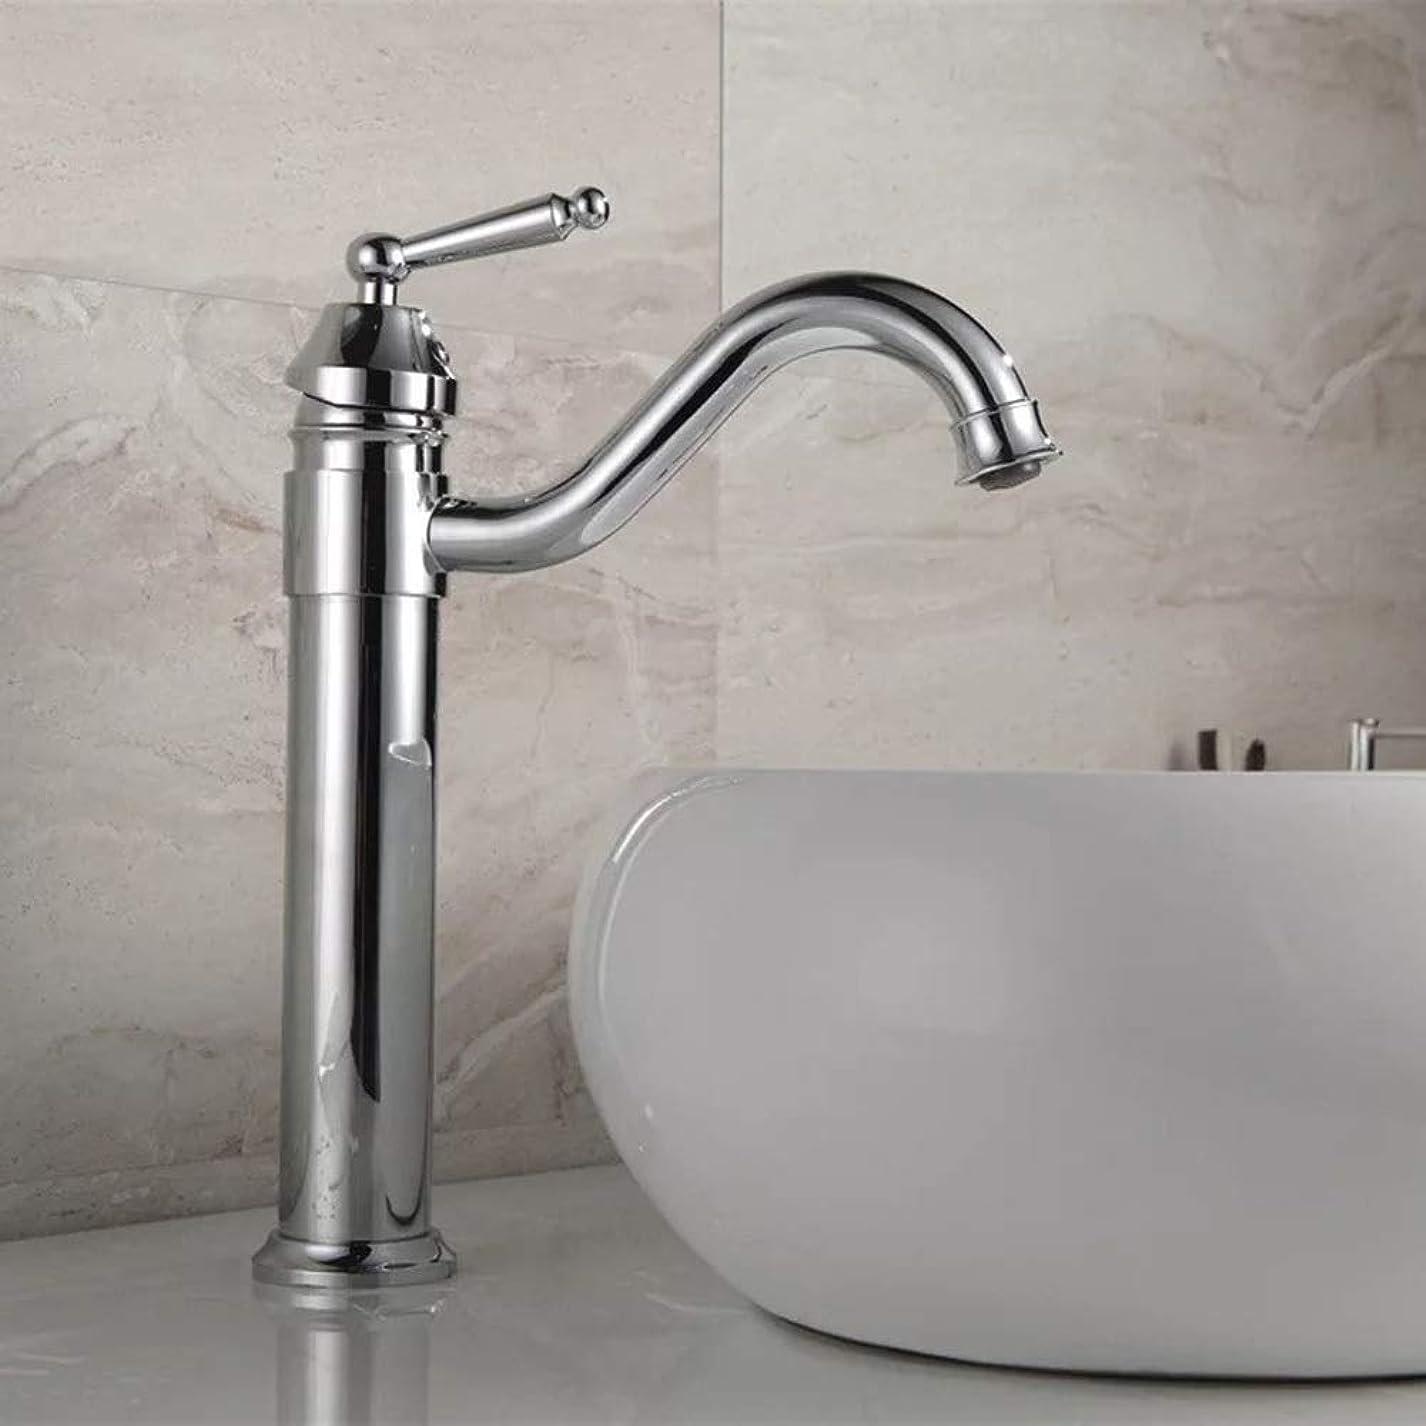 シャンパン泥ビクターHYH カウンター真鍮銀ミキサーの上の新しい真鍮クローム盆地ホット&コールド回転可能S字カーブのバスルーム 美しい人生